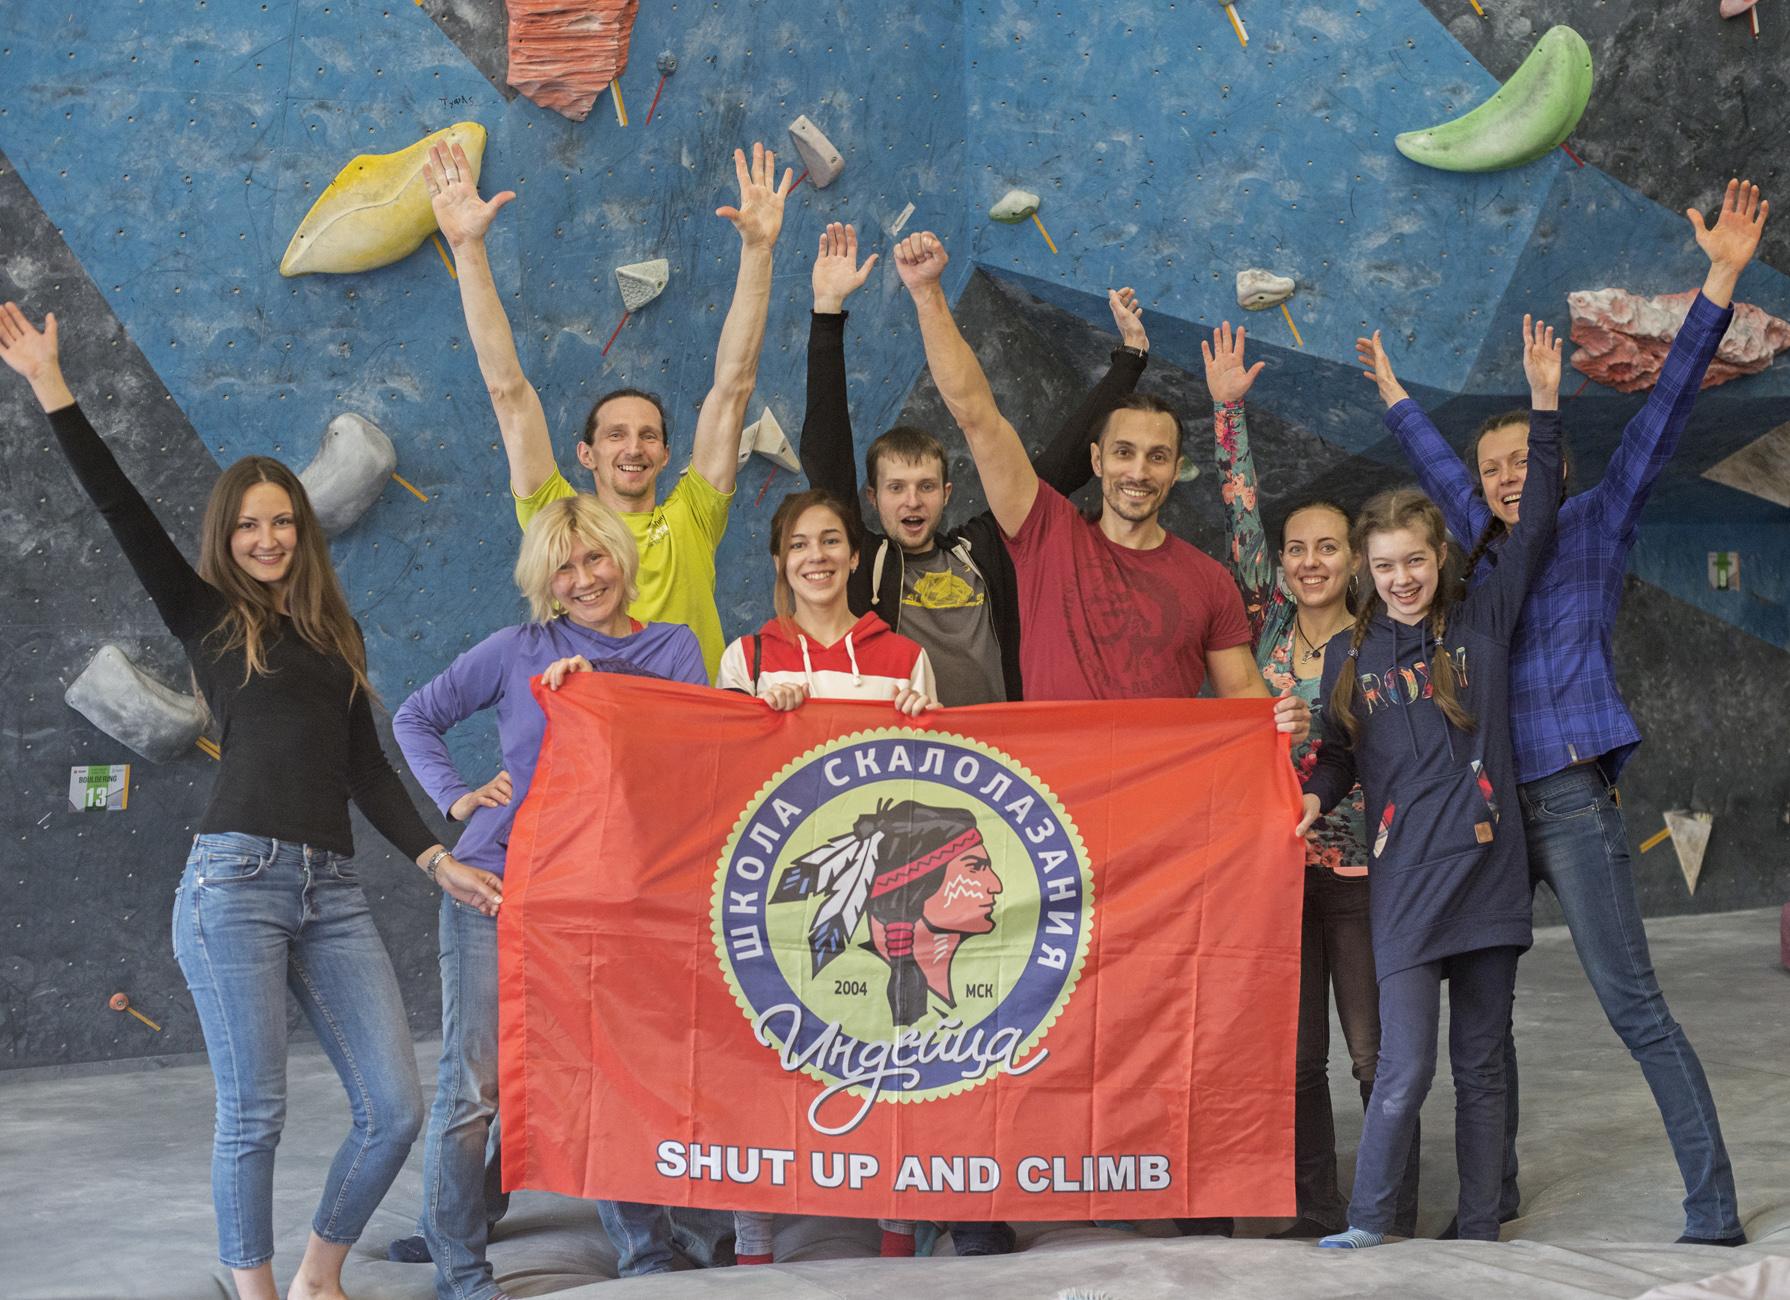 Школа скалолазания Дмитрия Тарасенкова, соревнования в Туле